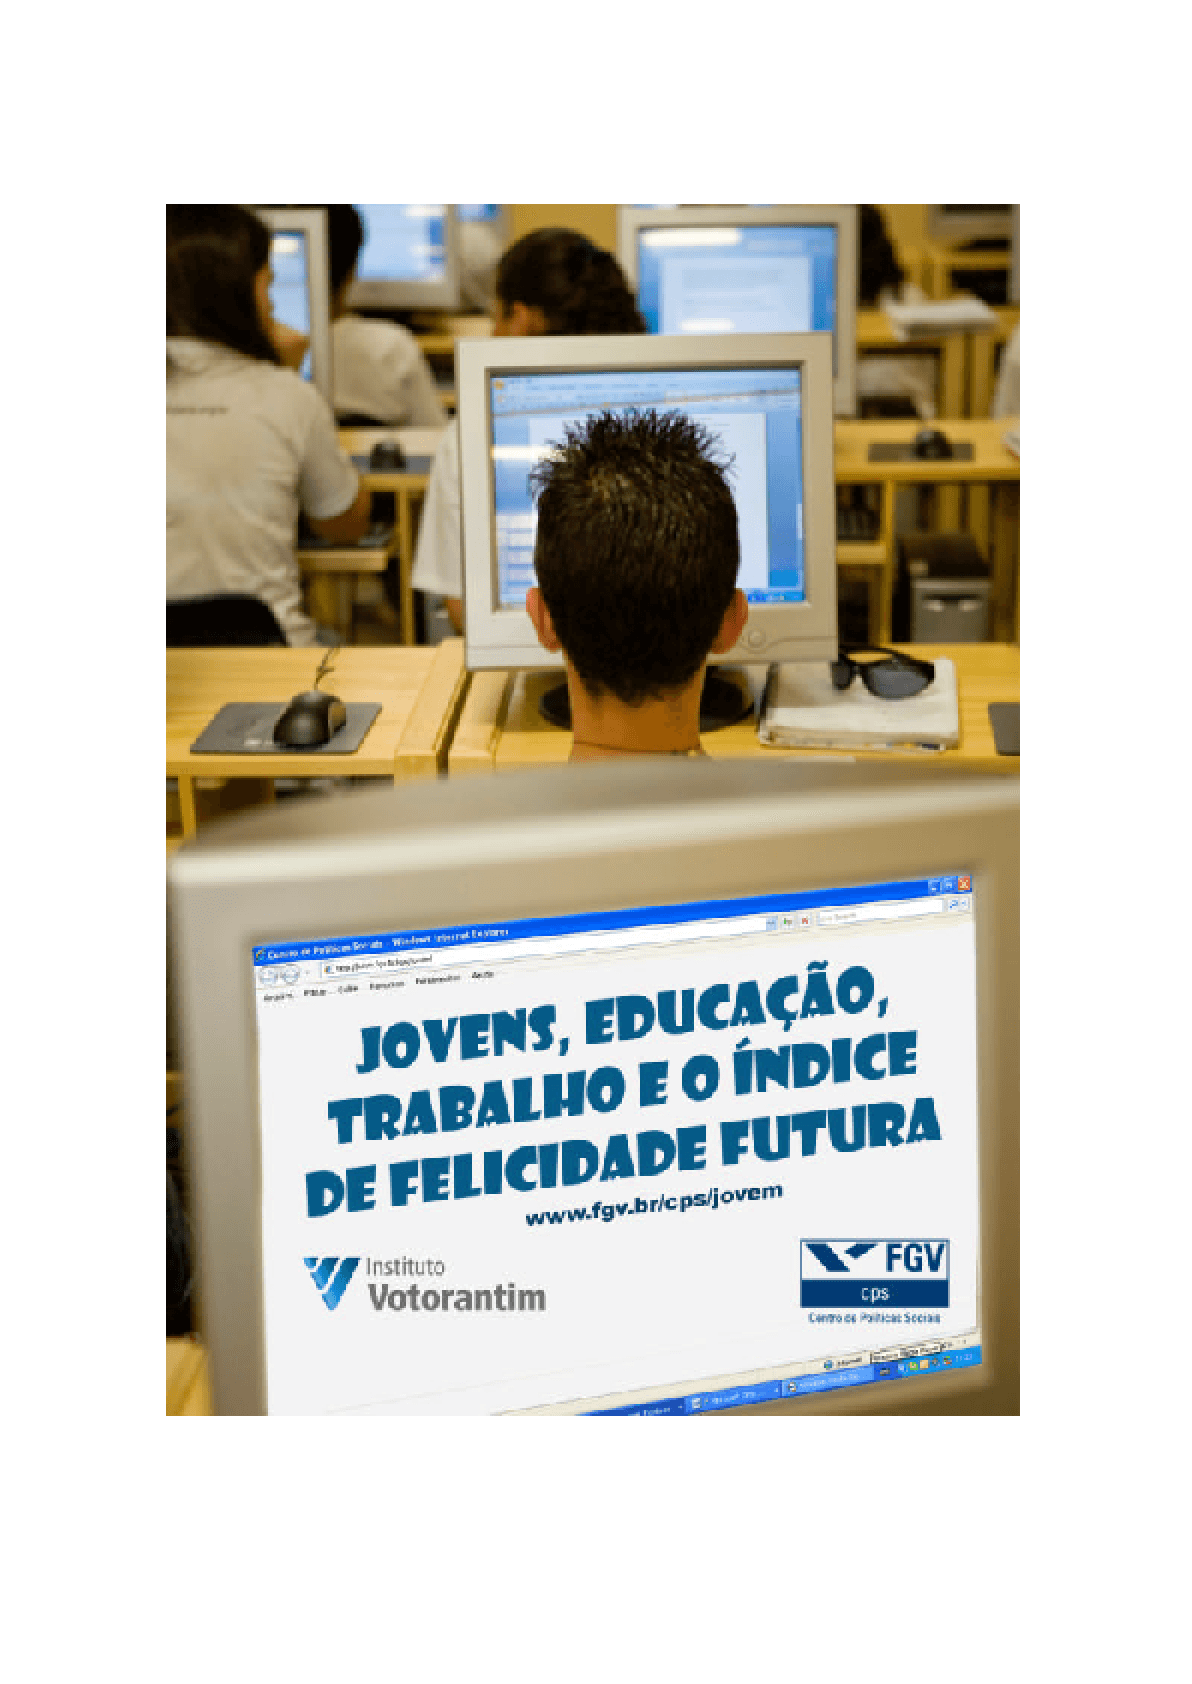 Jovens, educação, trabalho e o indice de felicidade futura